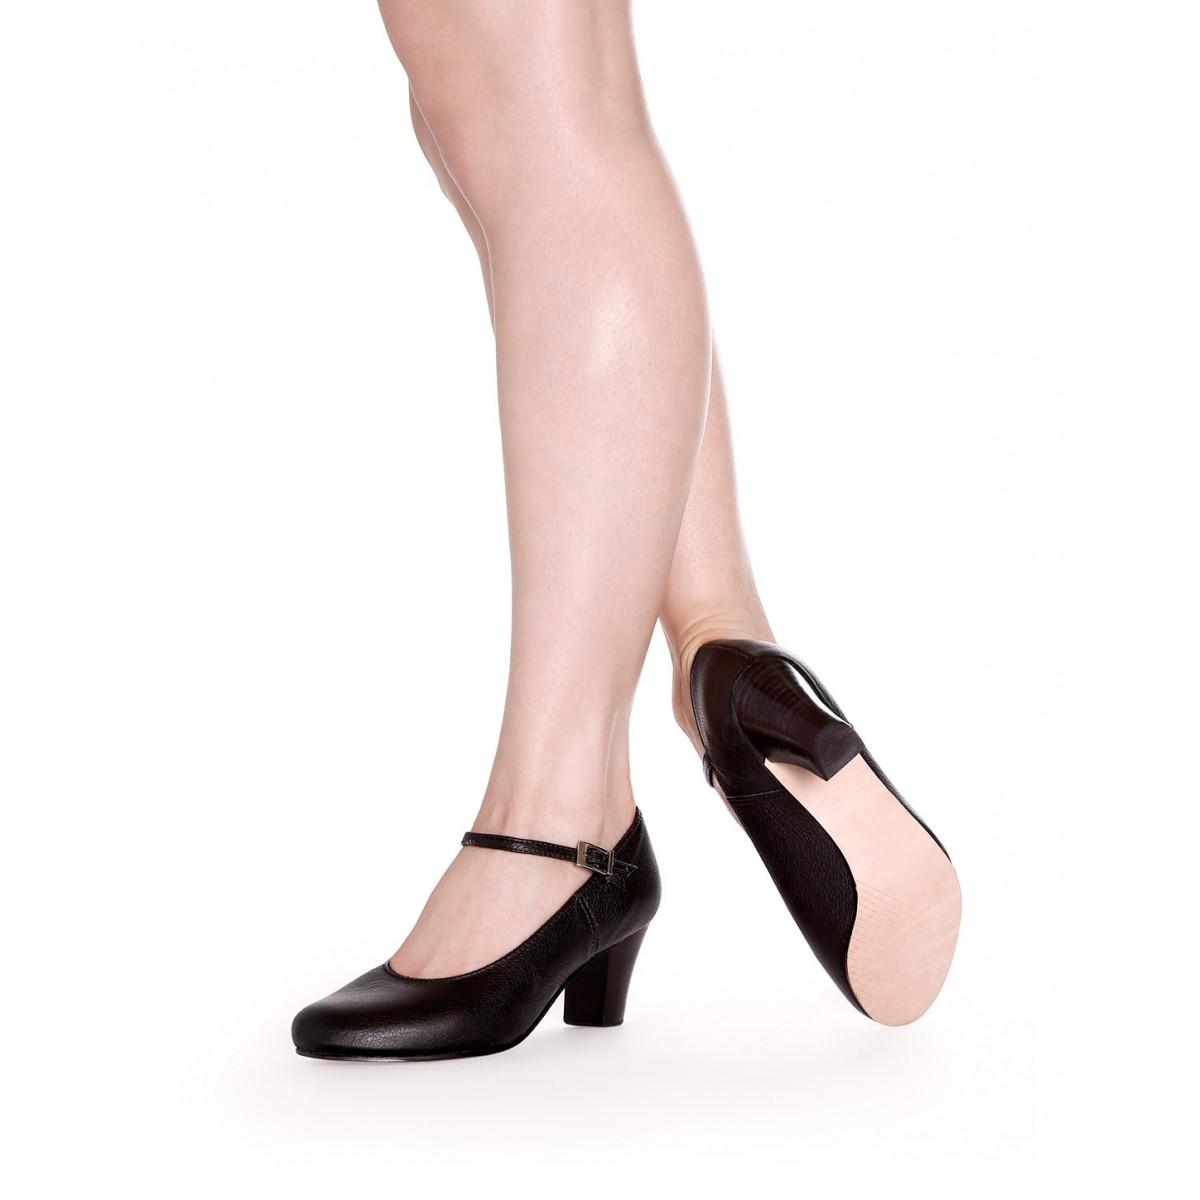 3a0526be1df Sapato Dança de Salão Sola de Camurça - (Ref. BL58) - QueDança ...